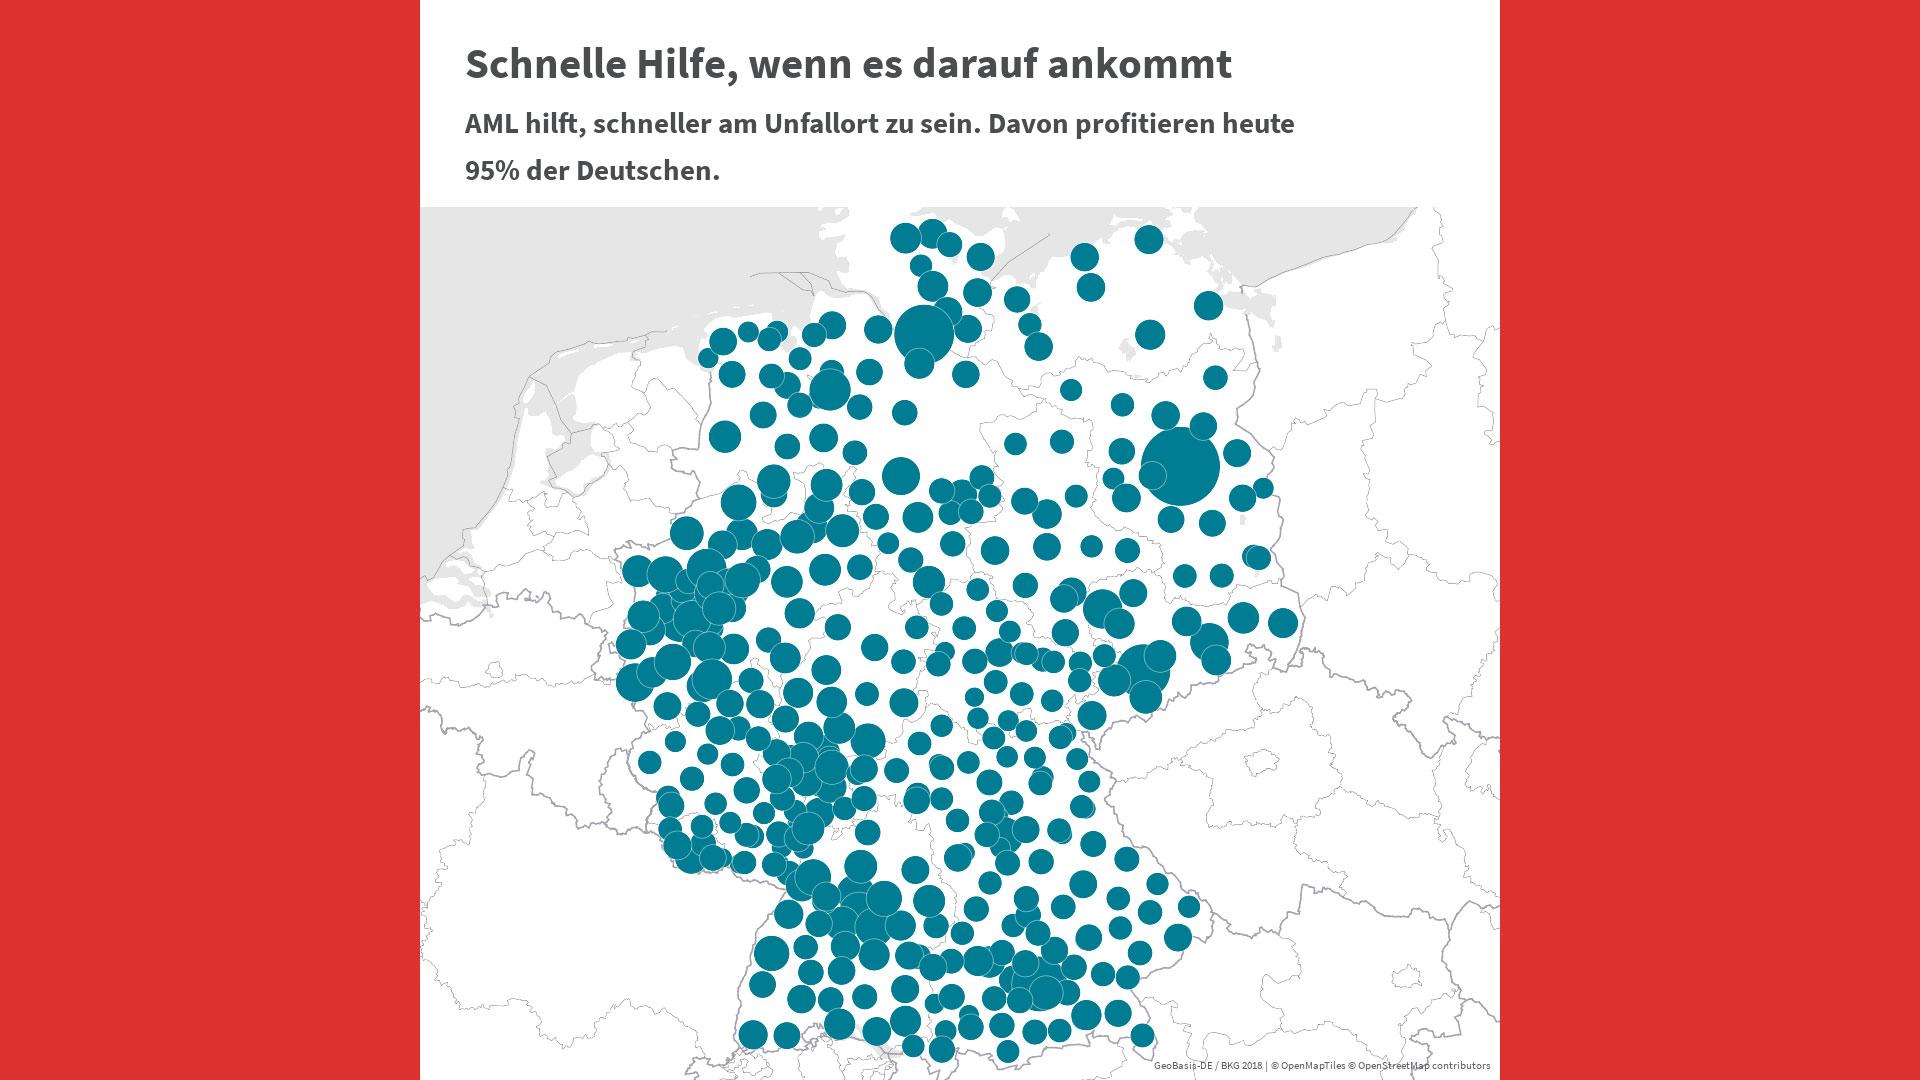 Auf einer Deutschlandkarte ist markiert, wo die Mobilfunk-Technologie AML eingesetzt wird.